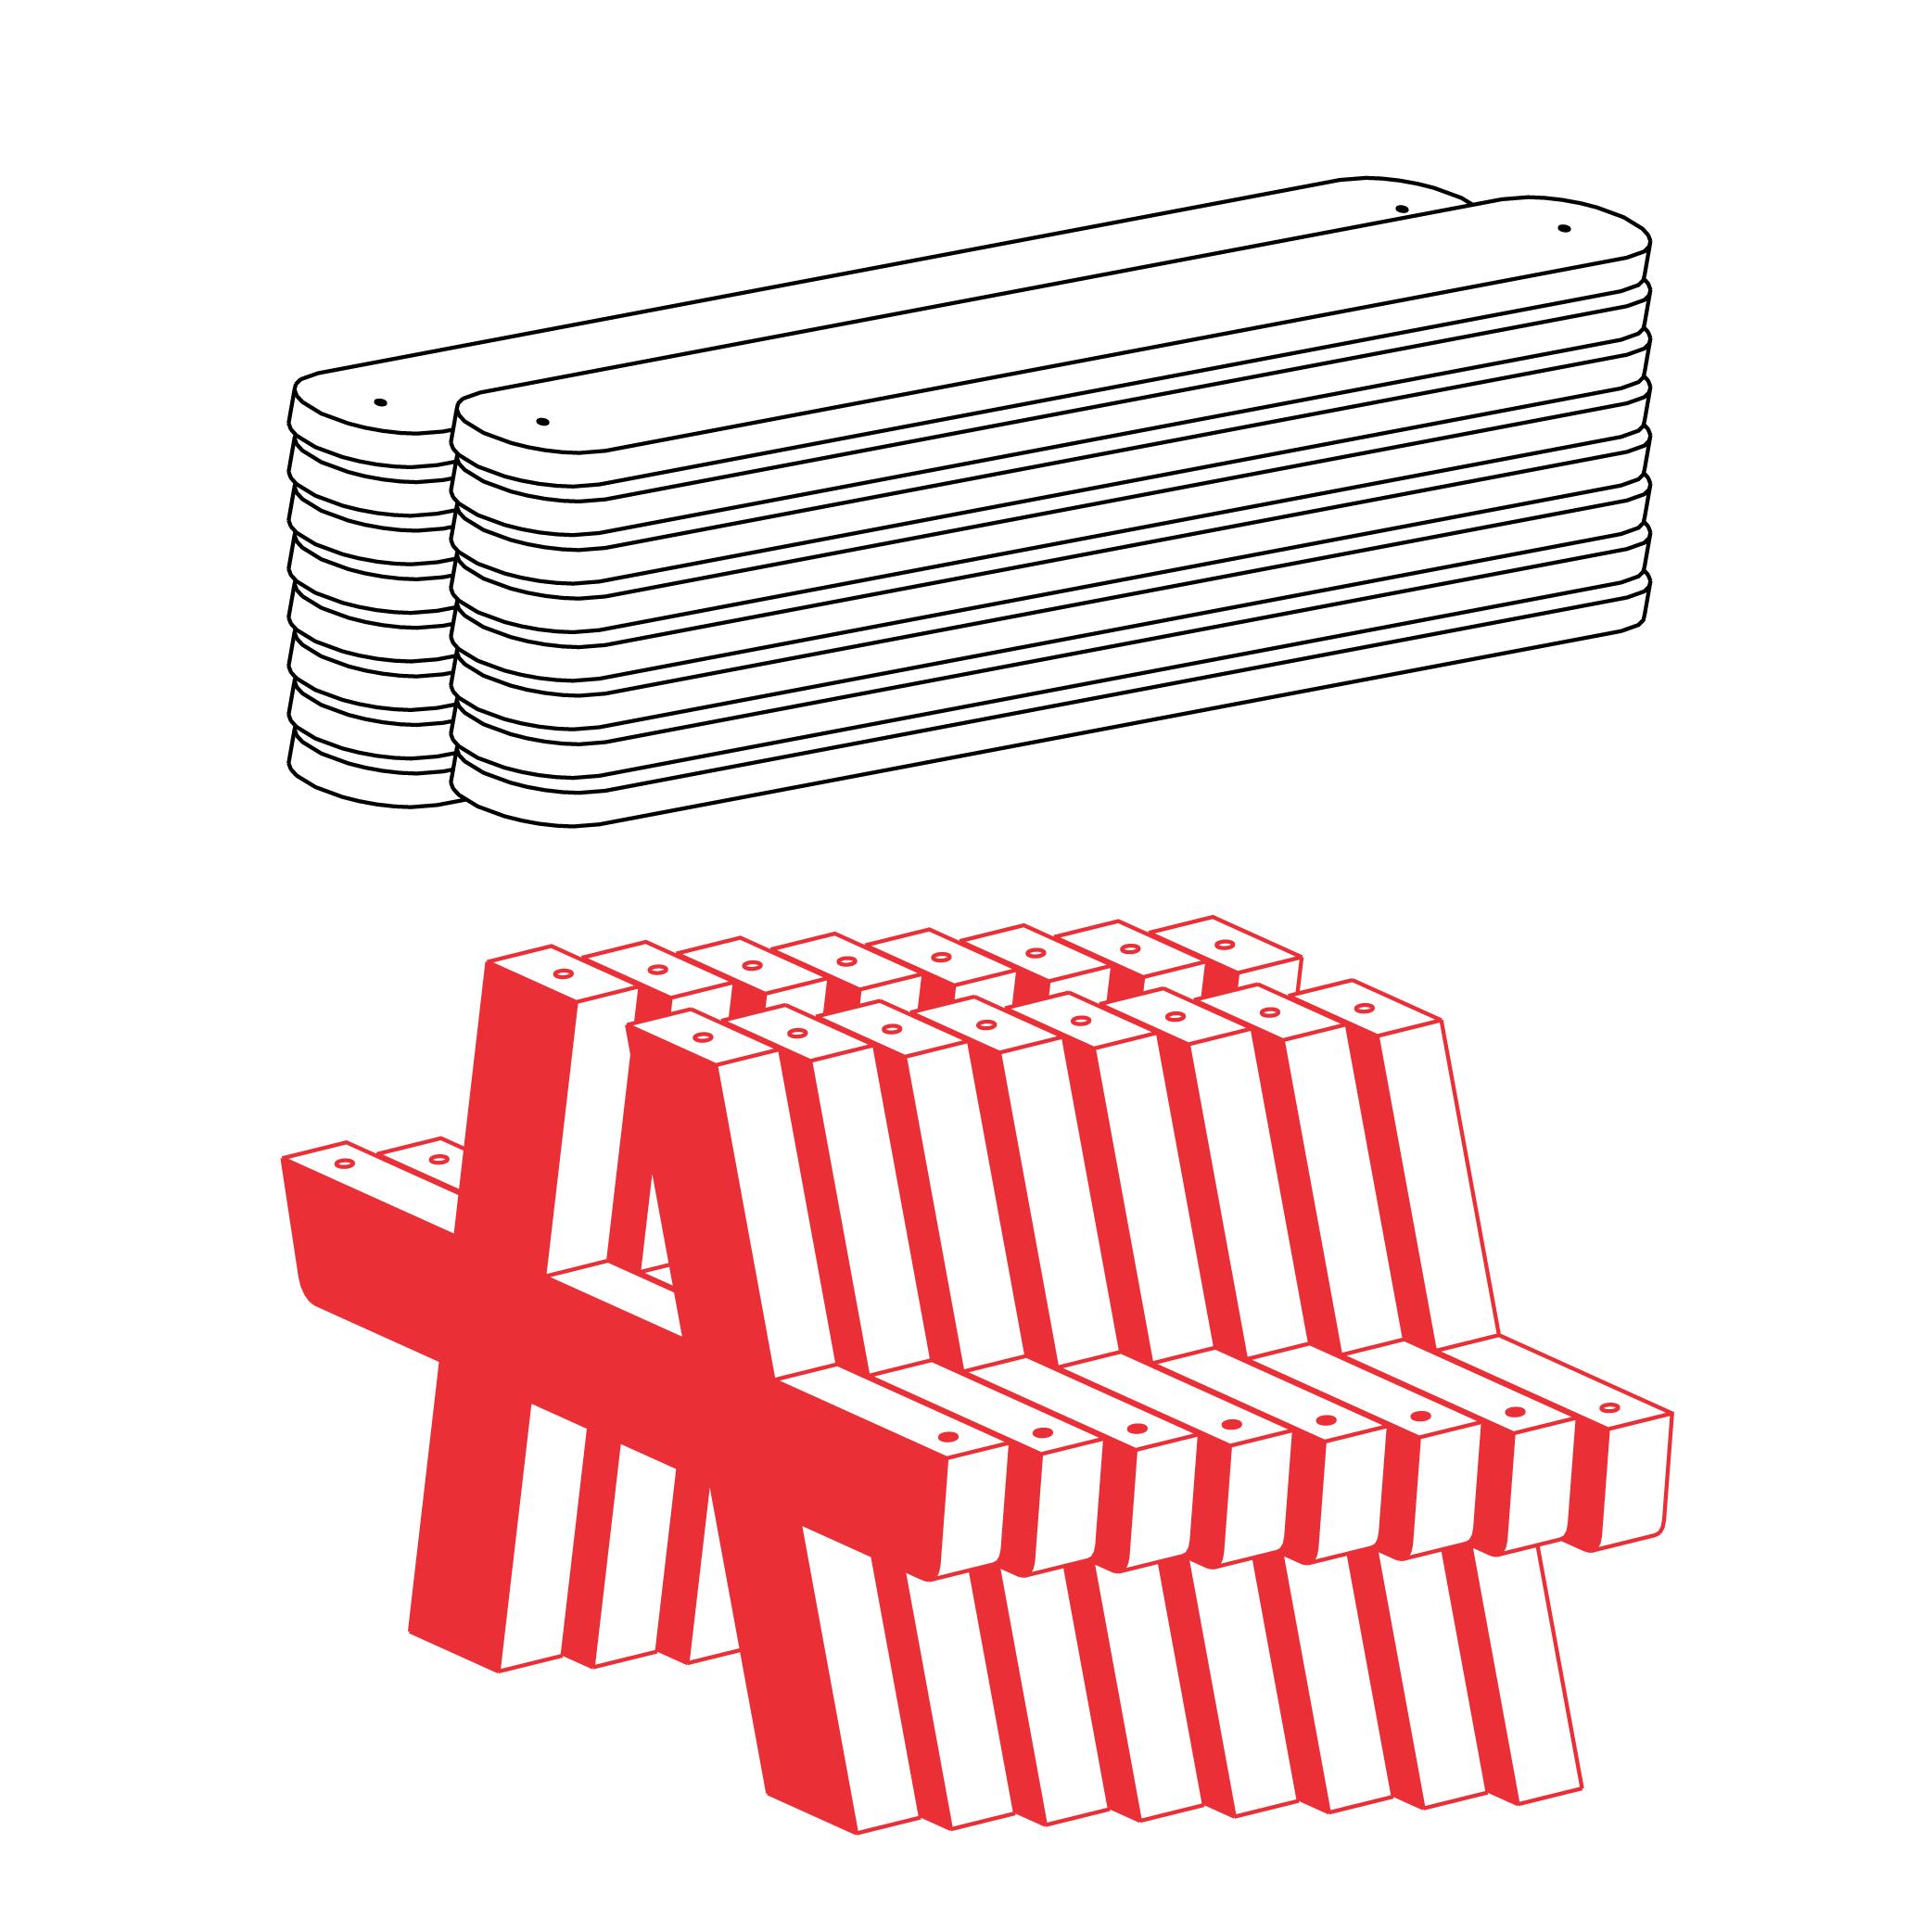 Facile à stocker - Avec une surface démontée de 1,4m3 pour 10 tables,Canteen se remise facilement en attendant son prochain usage.